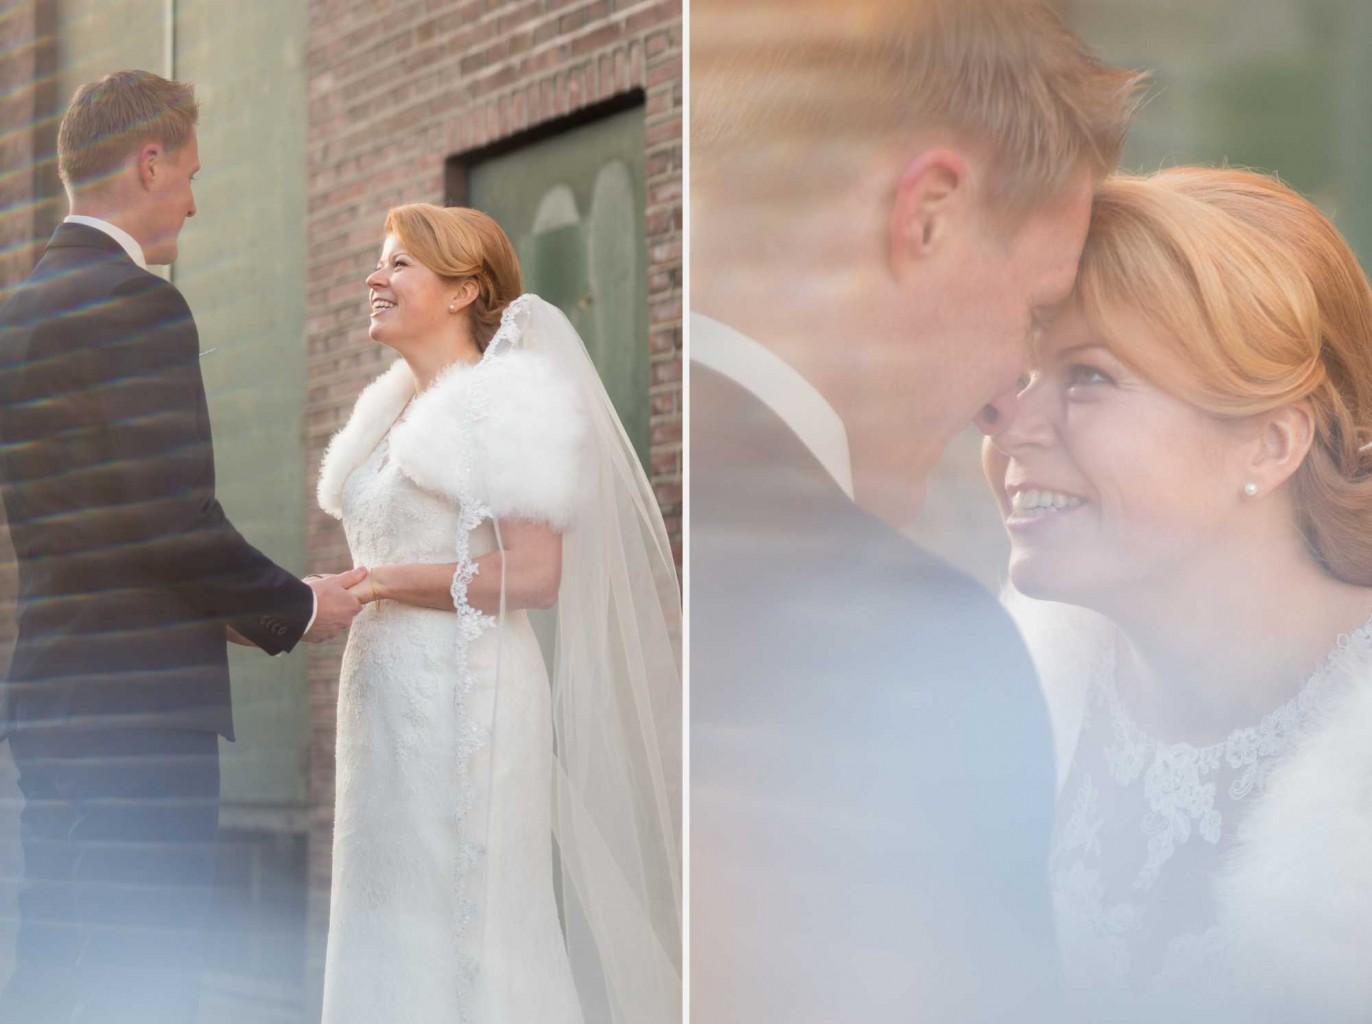 Bruidspaar bij het Indieterrein in Almelo tijdens een bruidsreportage